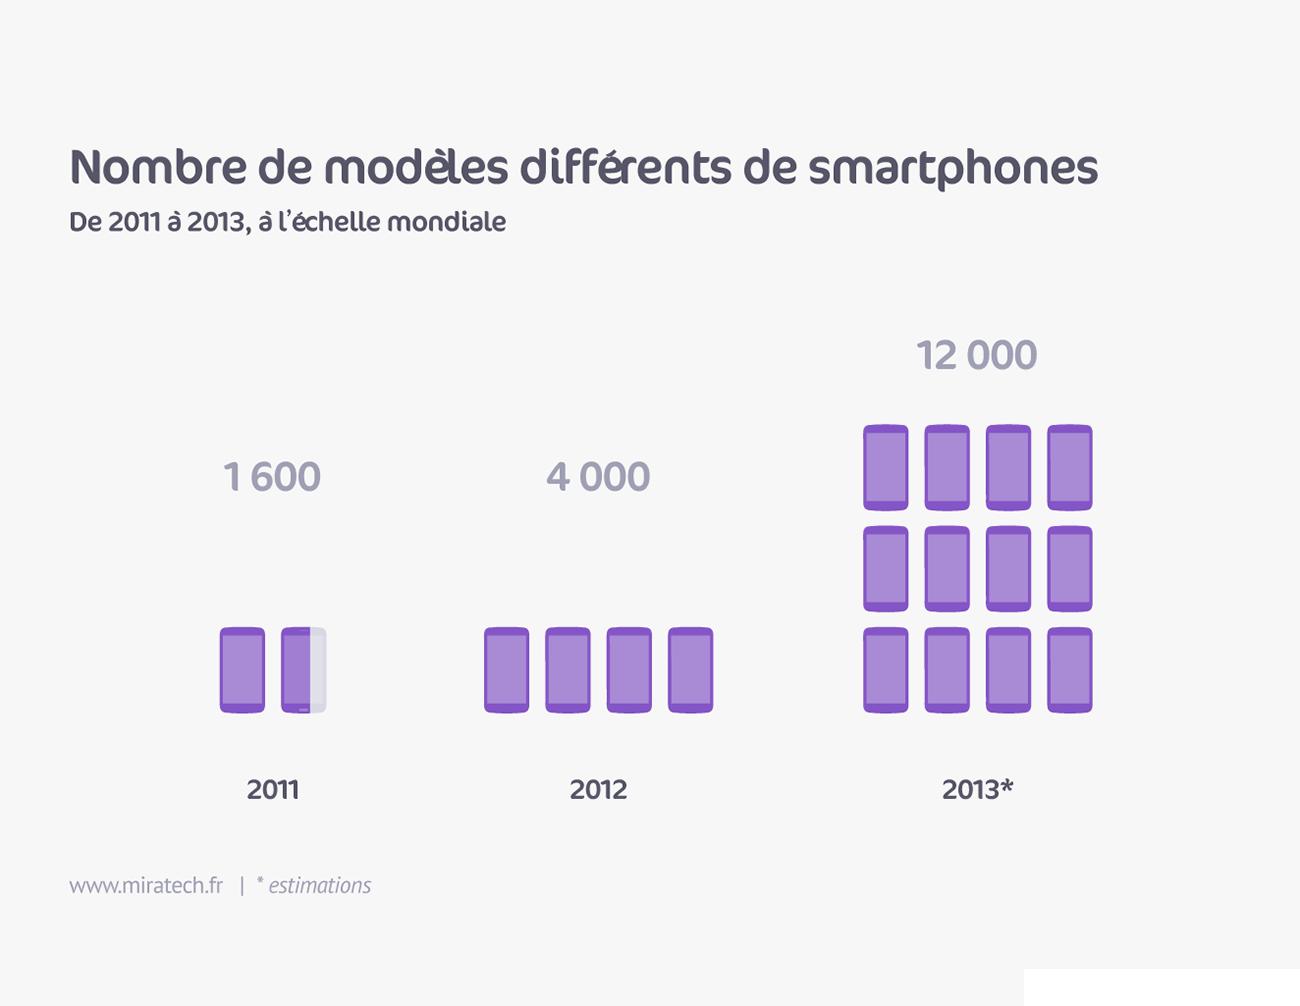 Nombre de modèles différents de smartphones